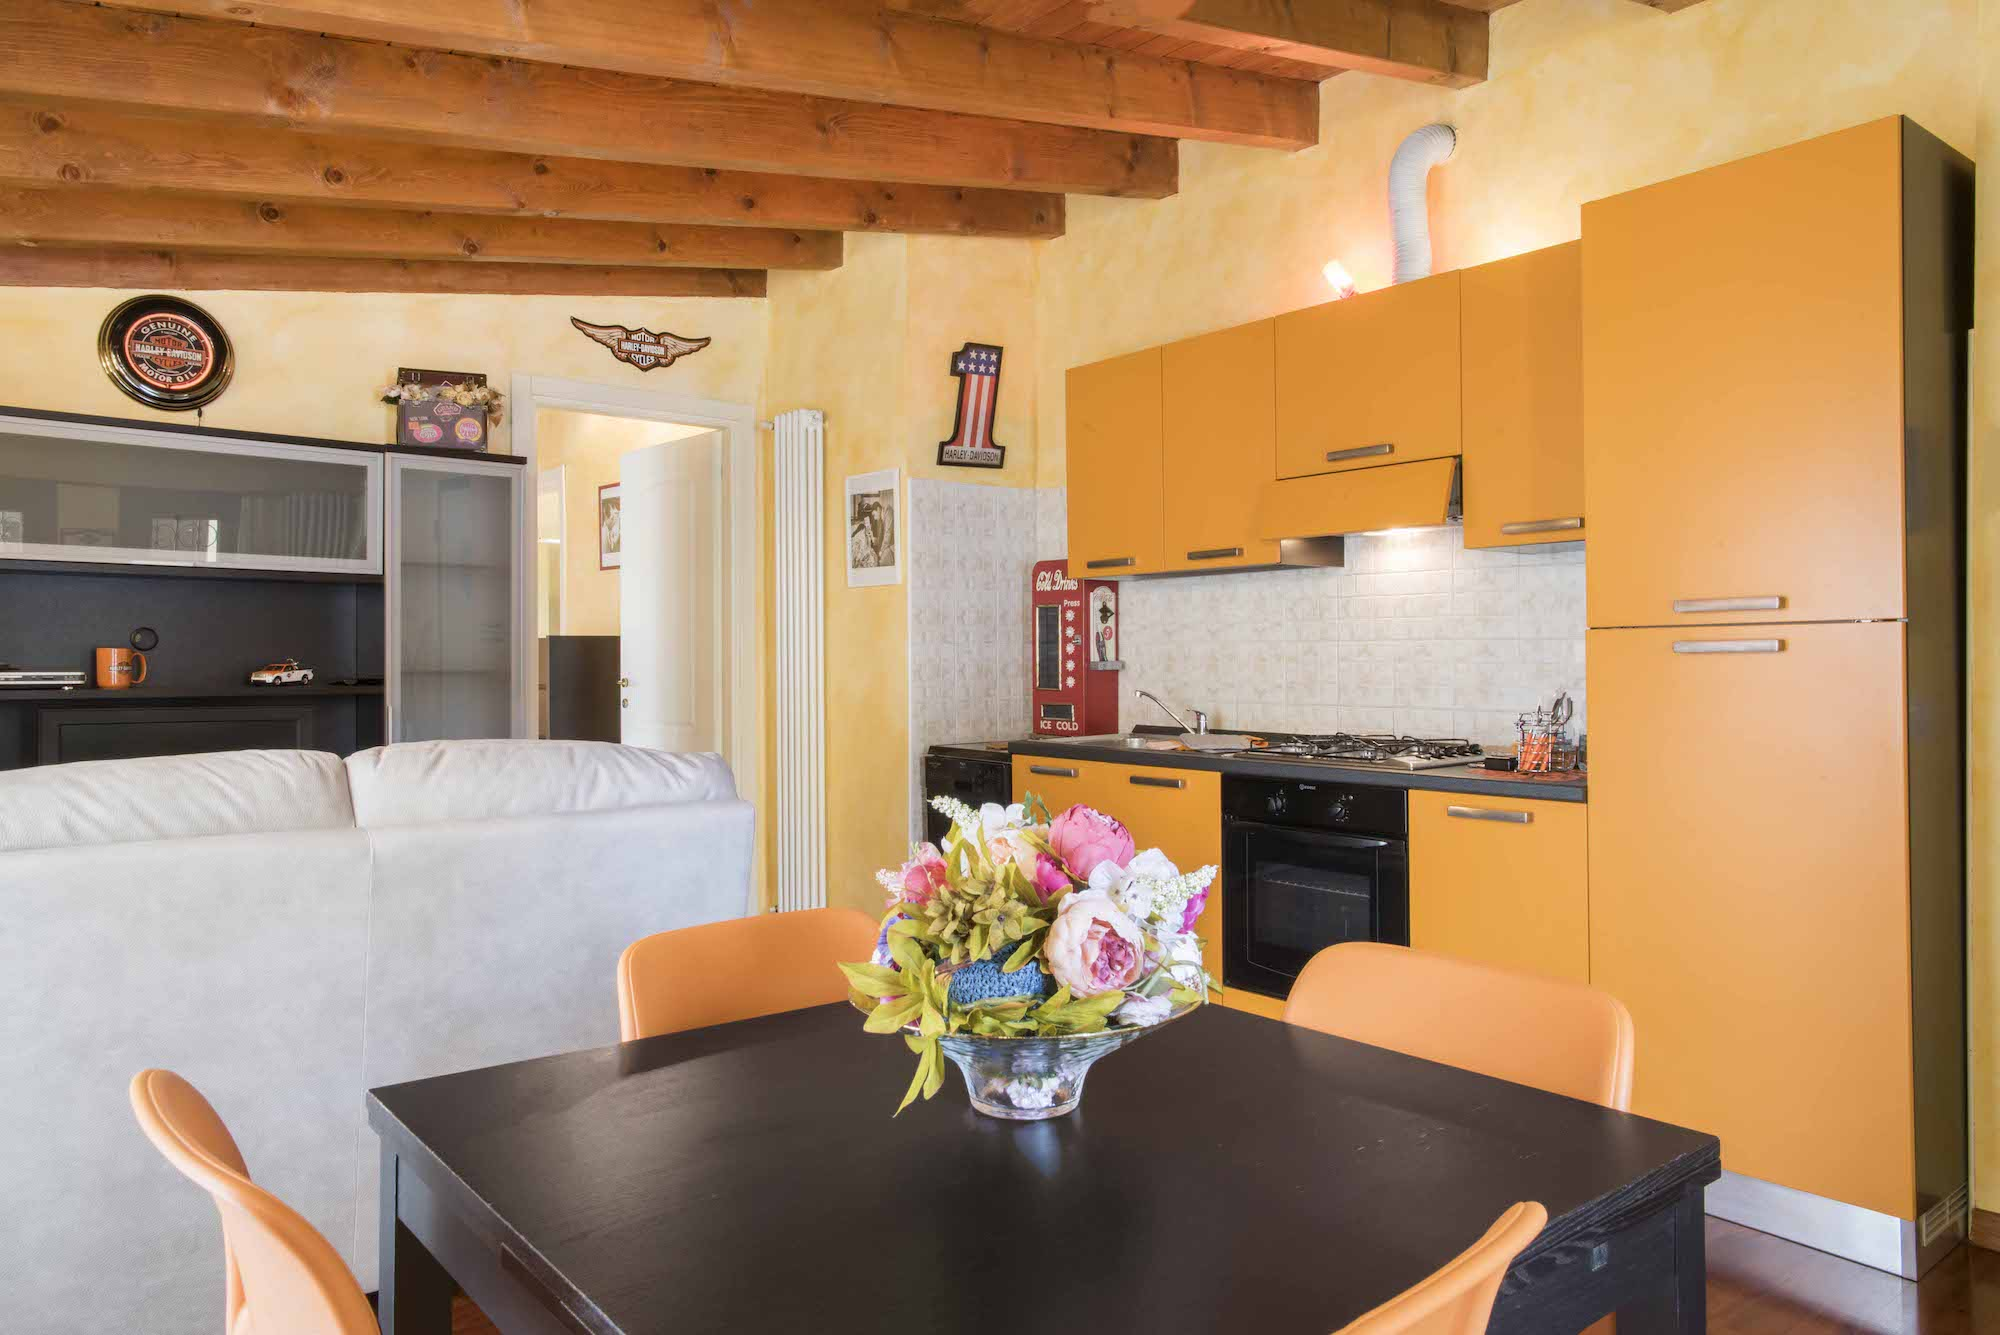 zona-pranzo-appartamento-andromeda-residenza-chiaralba